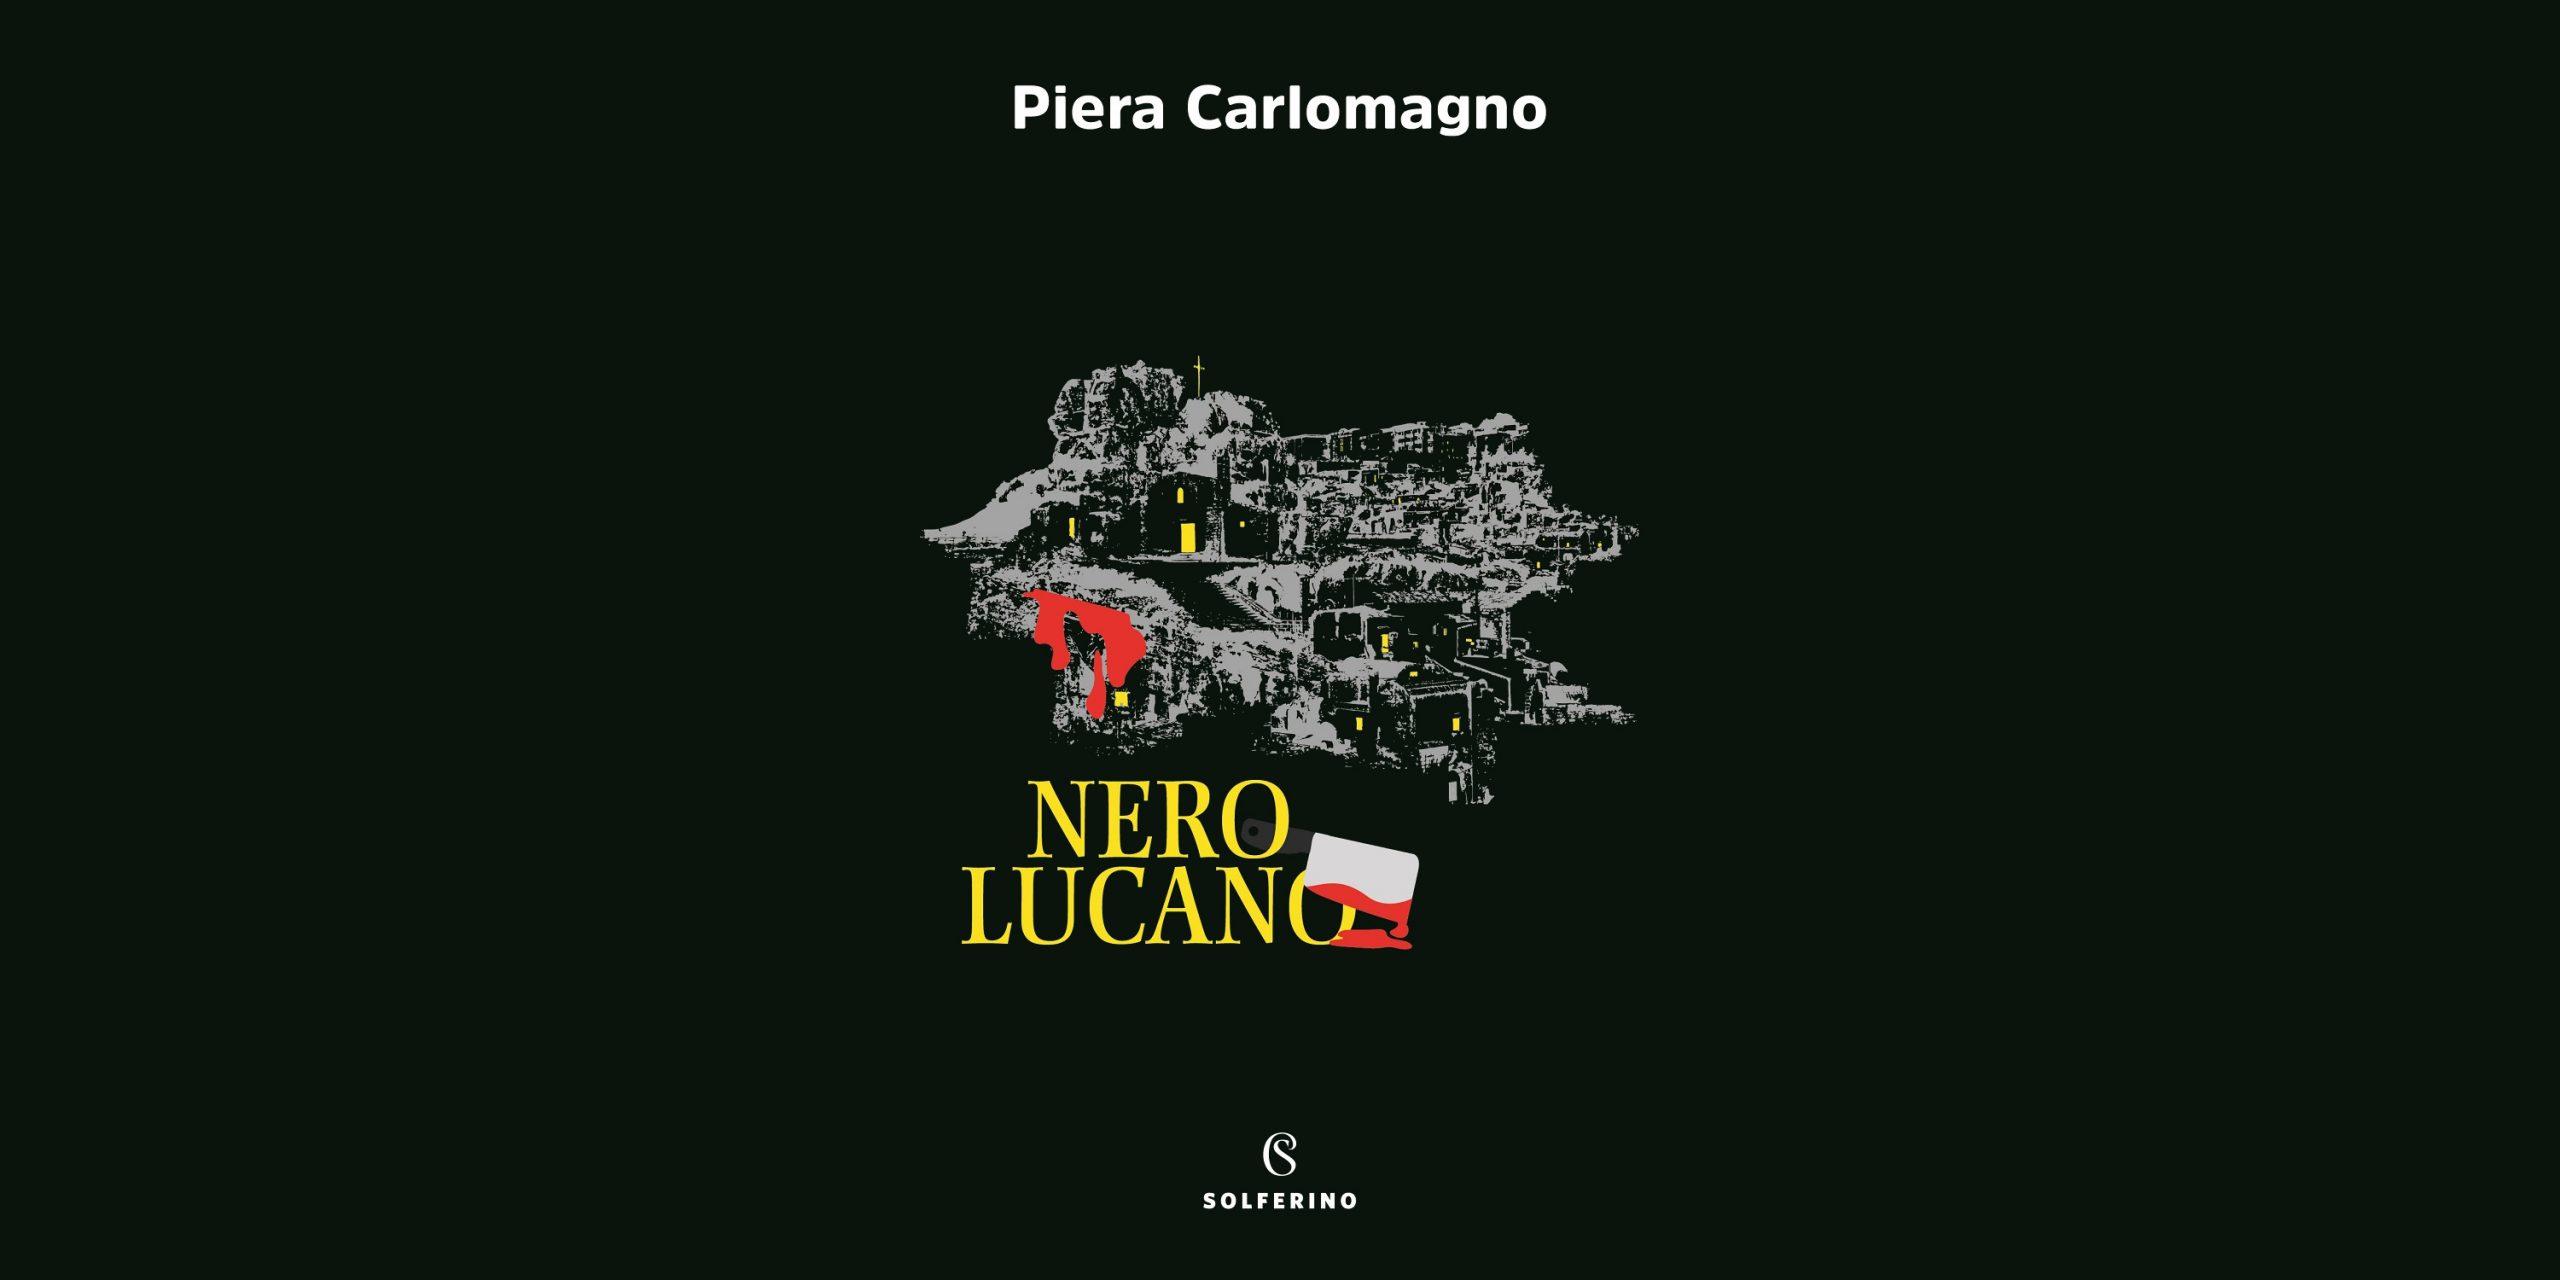 Nero lucano, la recensione di Pierluigi Porazzi del nuovo romanzo di Piera Carlomagno pubblicato da Solferino Libri.